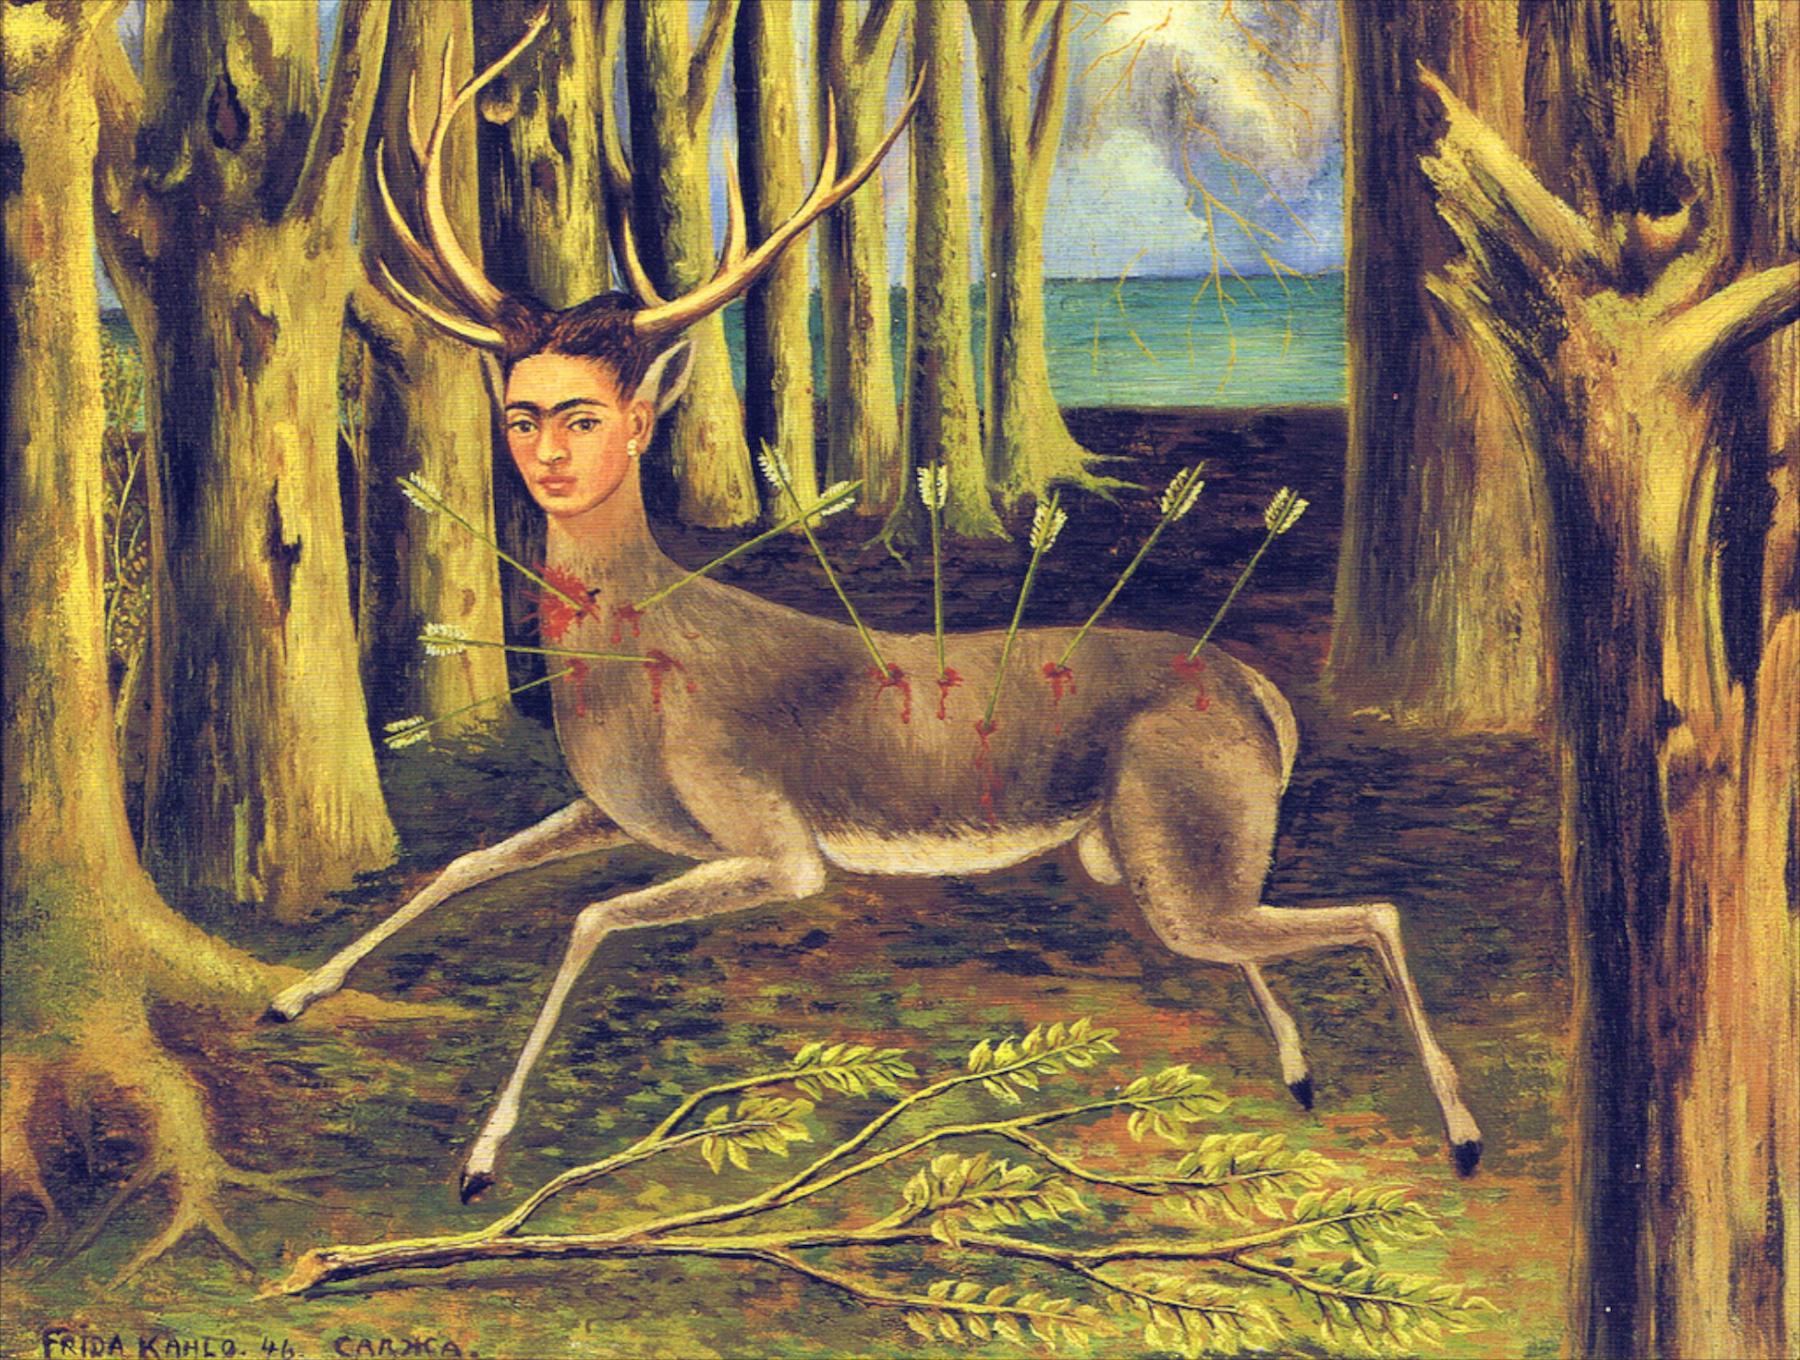 Frida Kahlo - Wounded Deer